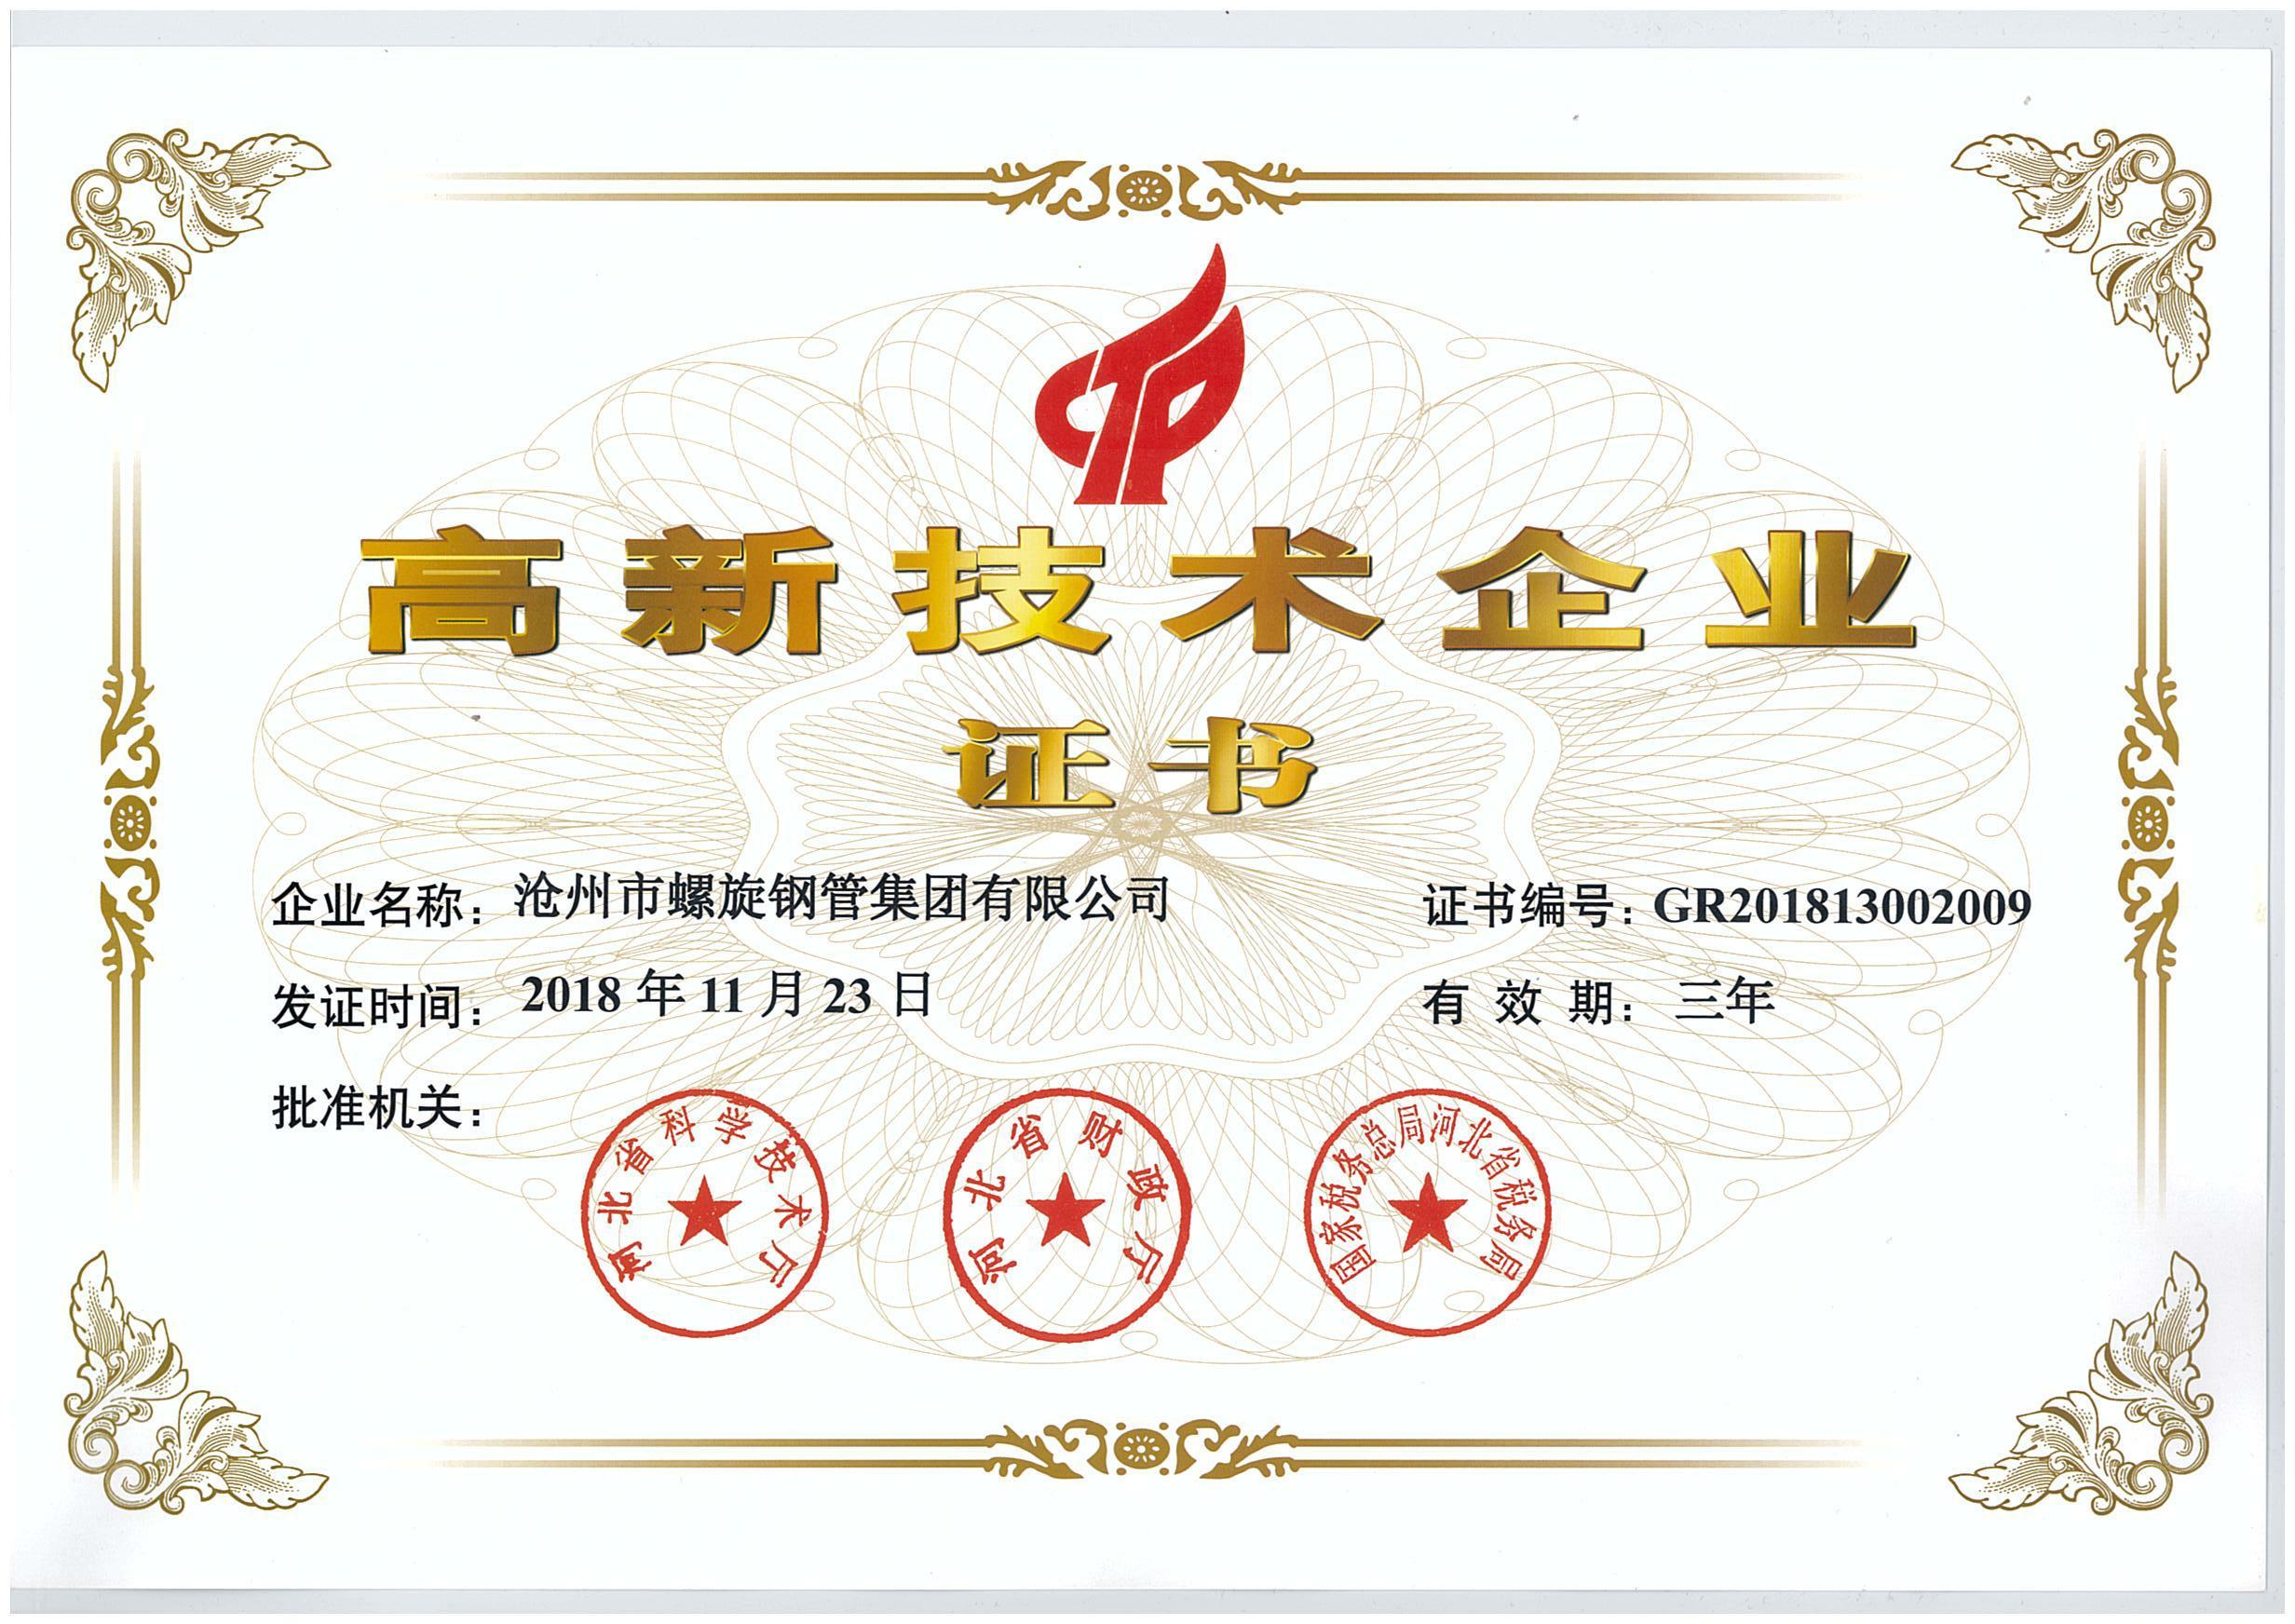 高新技術企業證書2019.4.3